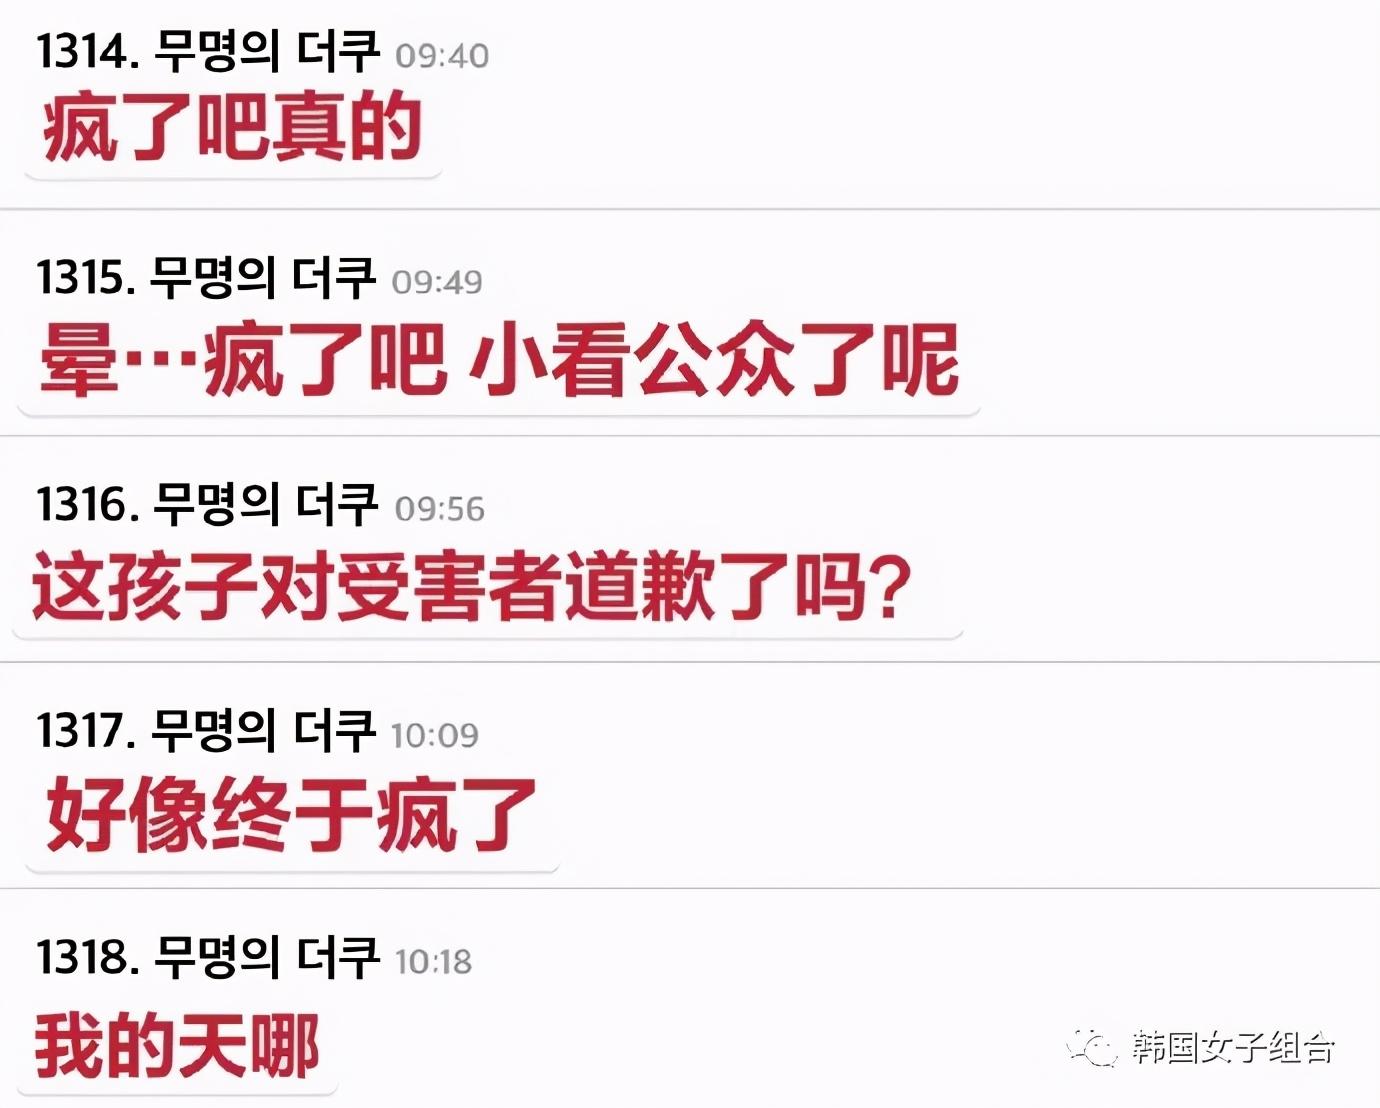 是真无知,还是真无辜,所属社发生日贺图,韩网友留言争论